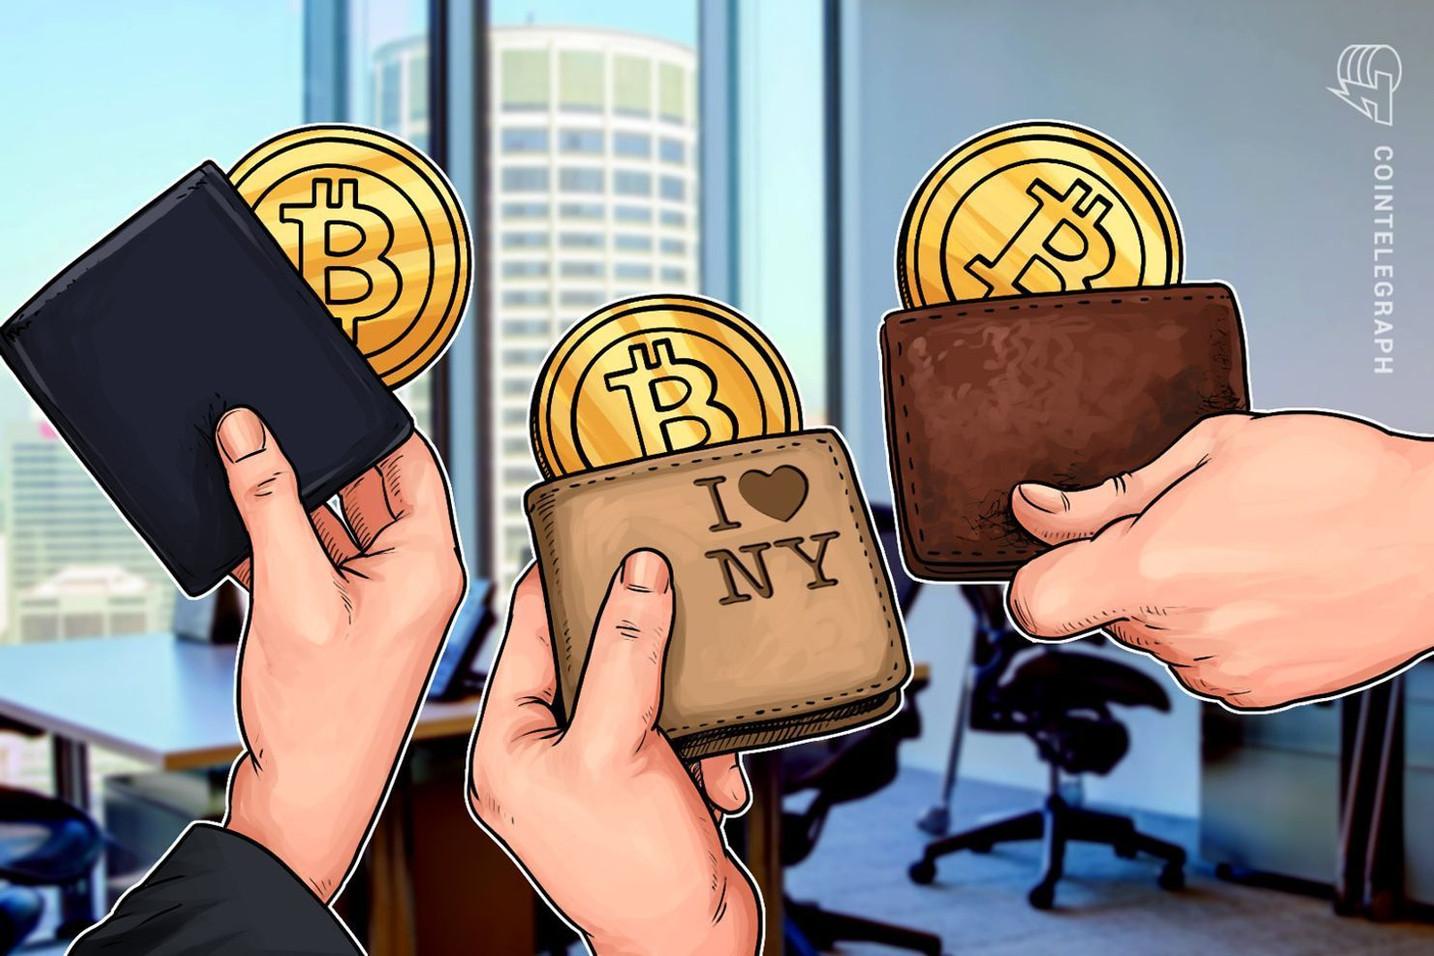 【速報】スクエア決算 去年のビットコイン売上高は180億円超|ドーシーCEO 改めて仮想通貨に太鼓判